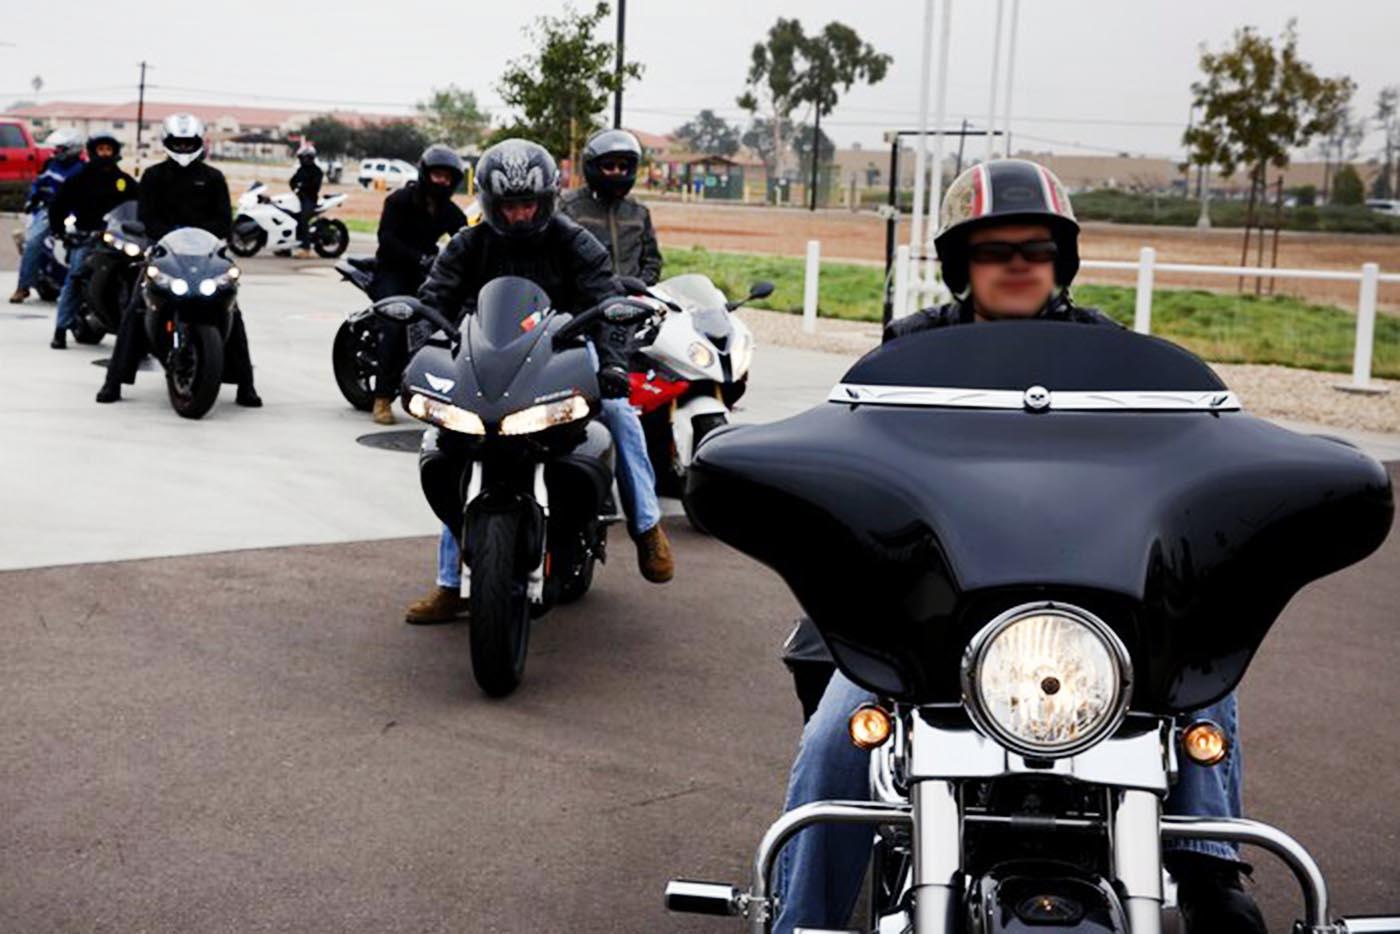 Motorcycle Week Laconia NH